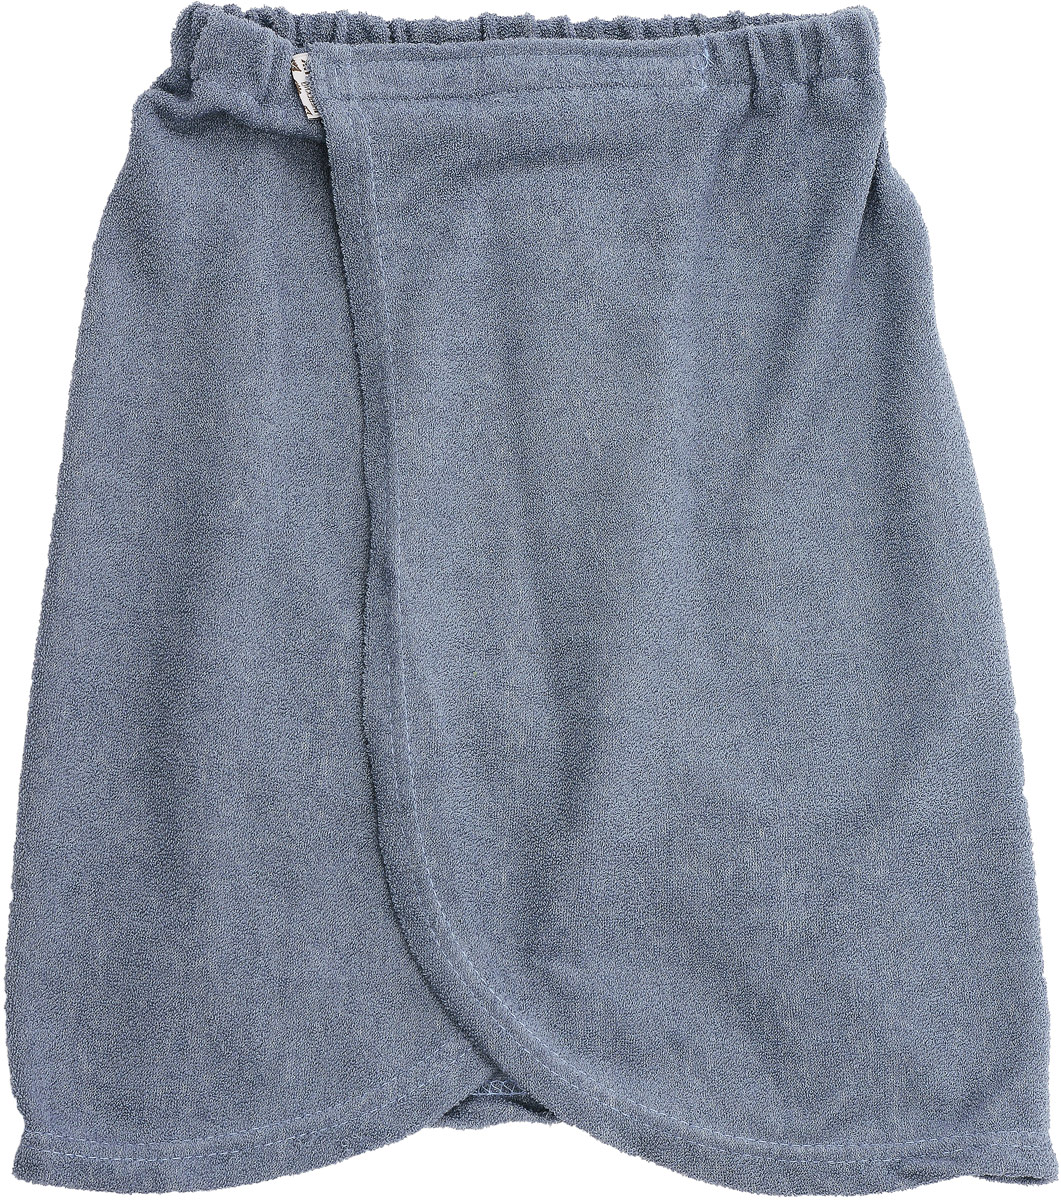 Килт для бани детский Юный банщик, цвет: серый, 41 х 60 смБ2521_серыйКилт Юный банщик изготовлен из натурально хлопка.Детский банный килт - это многофункциональная накидка специального покроя с резинкой и застежкой-липучкой. В парилке можно лежать на нем, после душа вытираться. Длина килта: 41 см.Ширина килта (по поясу): 60 см.Рекомендуемый рост: 128 - 146 см.